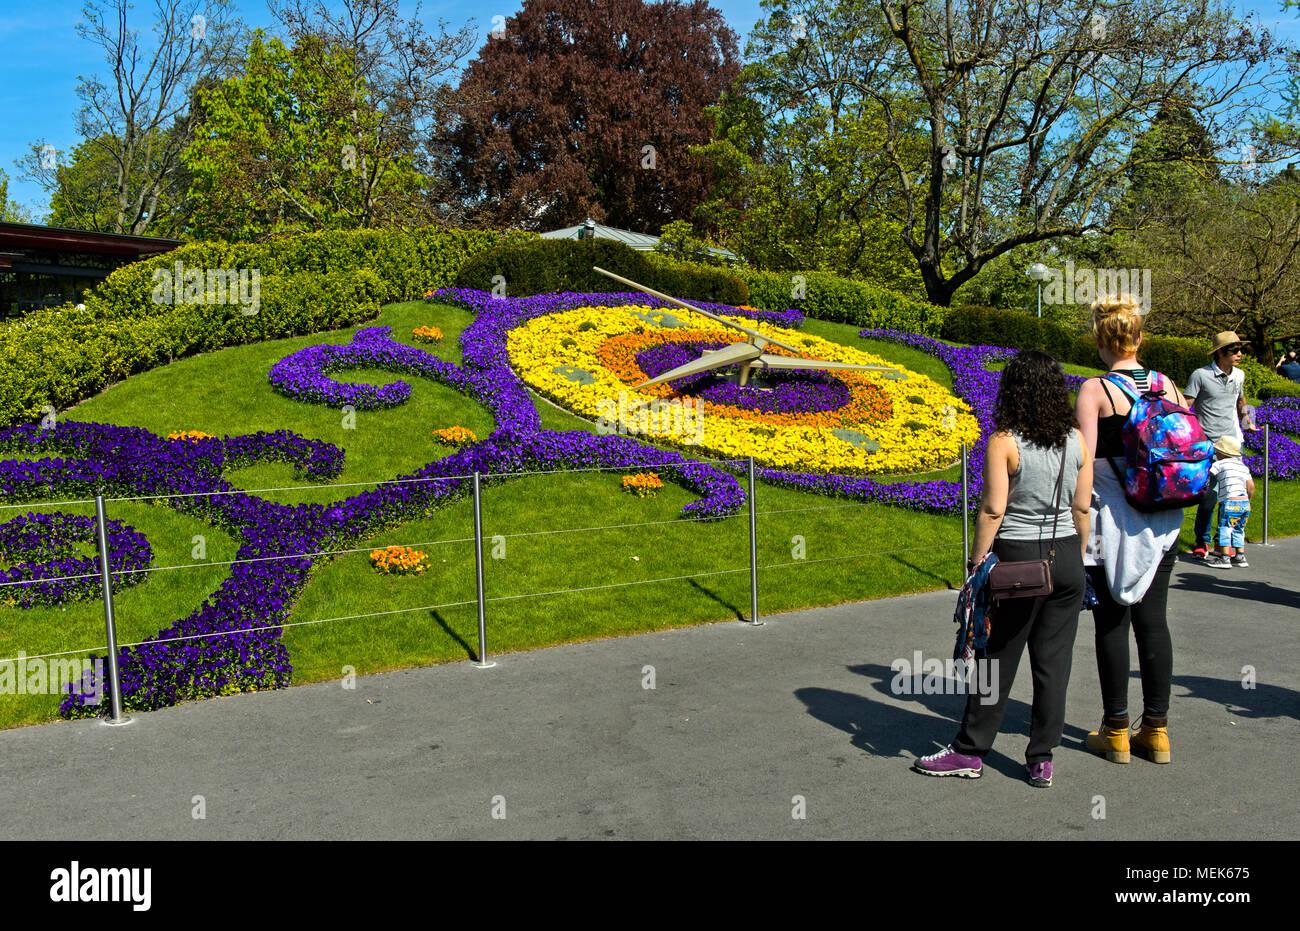 I turisti per quanto riguarda l'Orologio dei fiori, l'Horloge Fleurie, al parco Jardin Anglais, Ginevra, Svizzera Immagini Stock